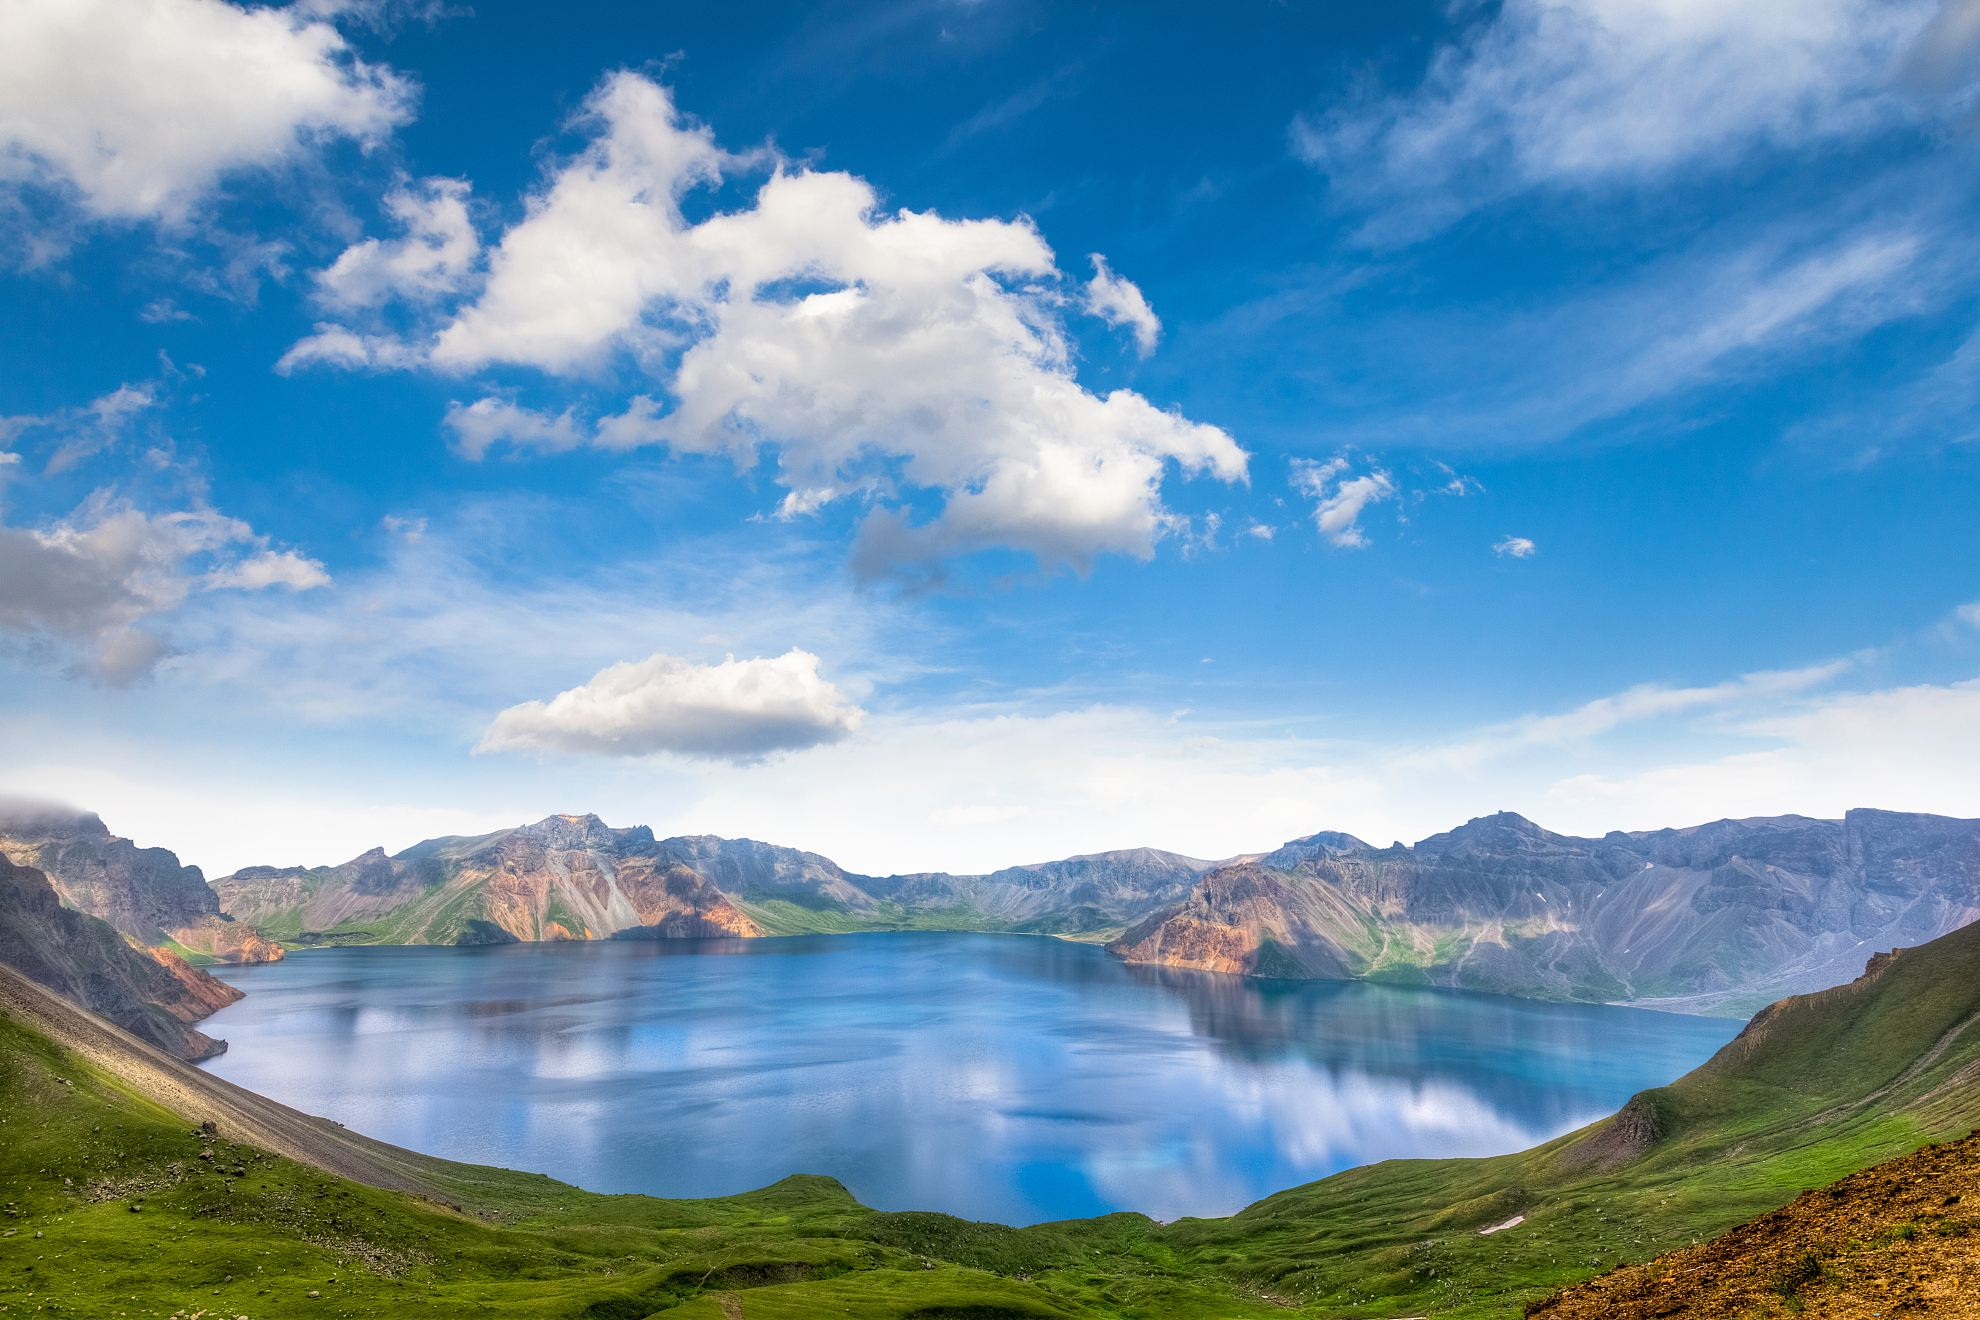 环游 | 长白山景区迎来旅游旺季